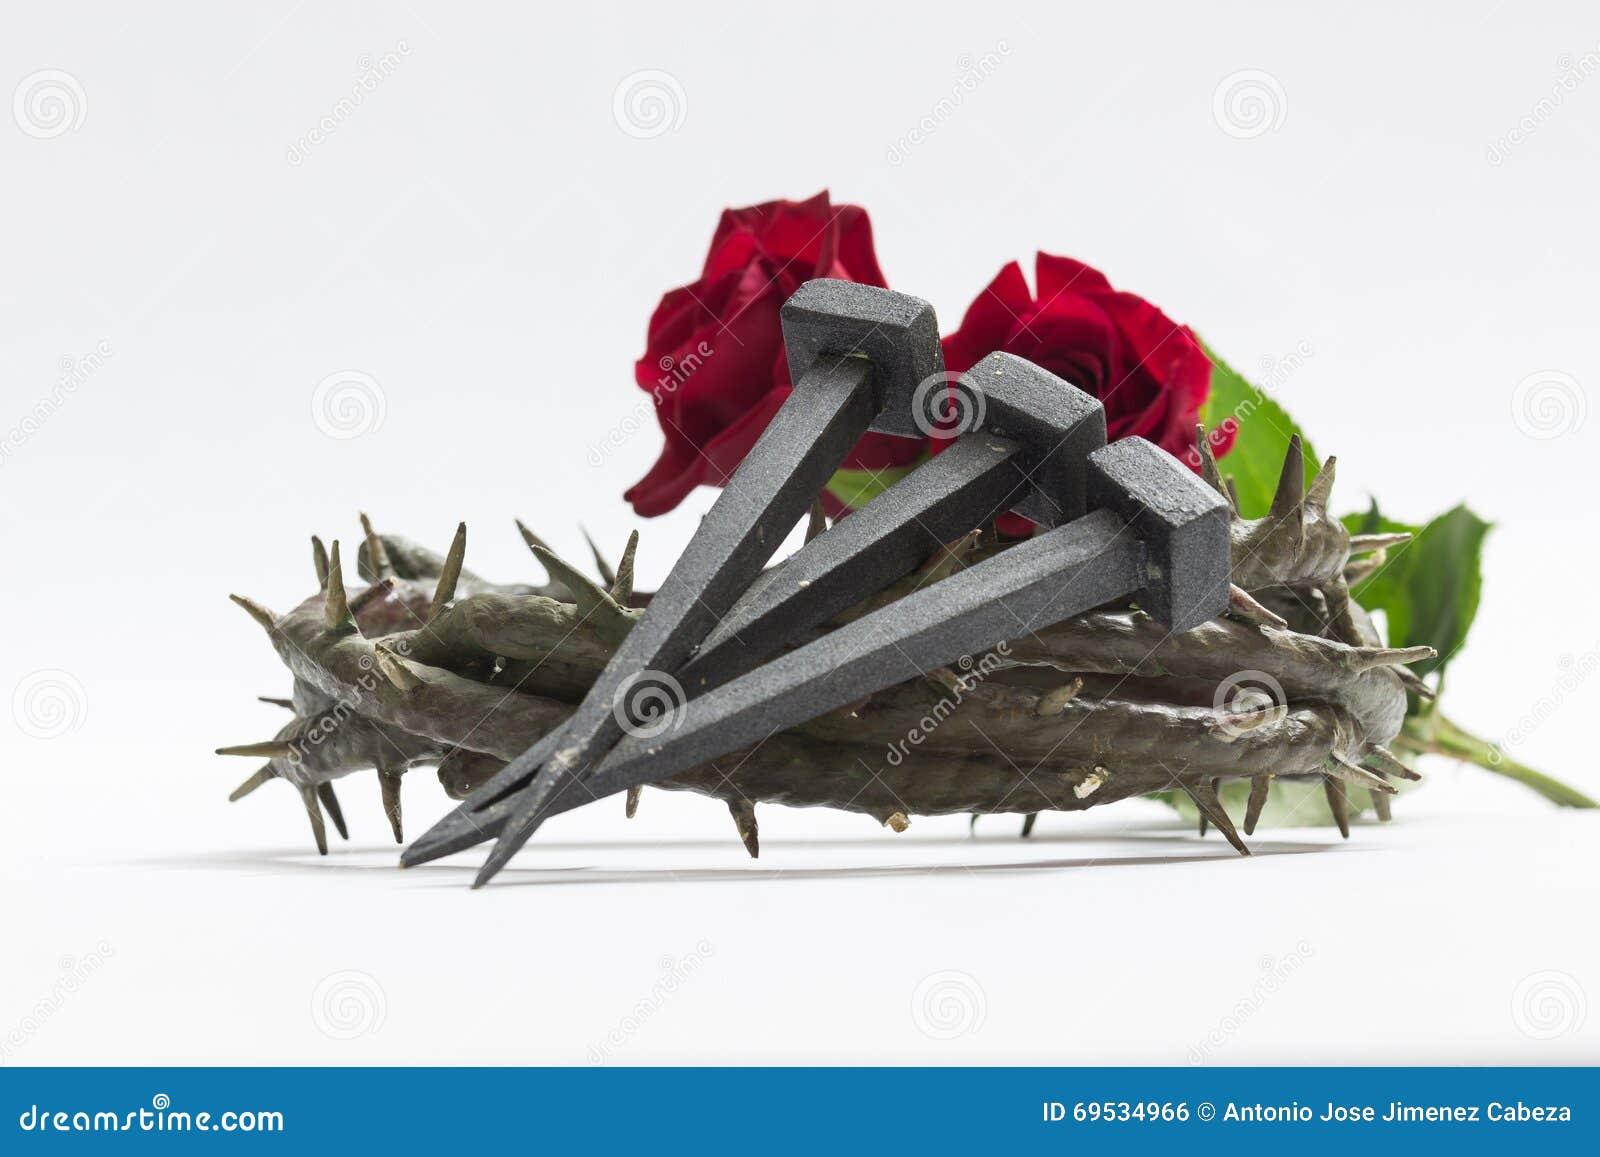 Coroa de Jesus Christ de espinhos, de pregos e de duas rosas